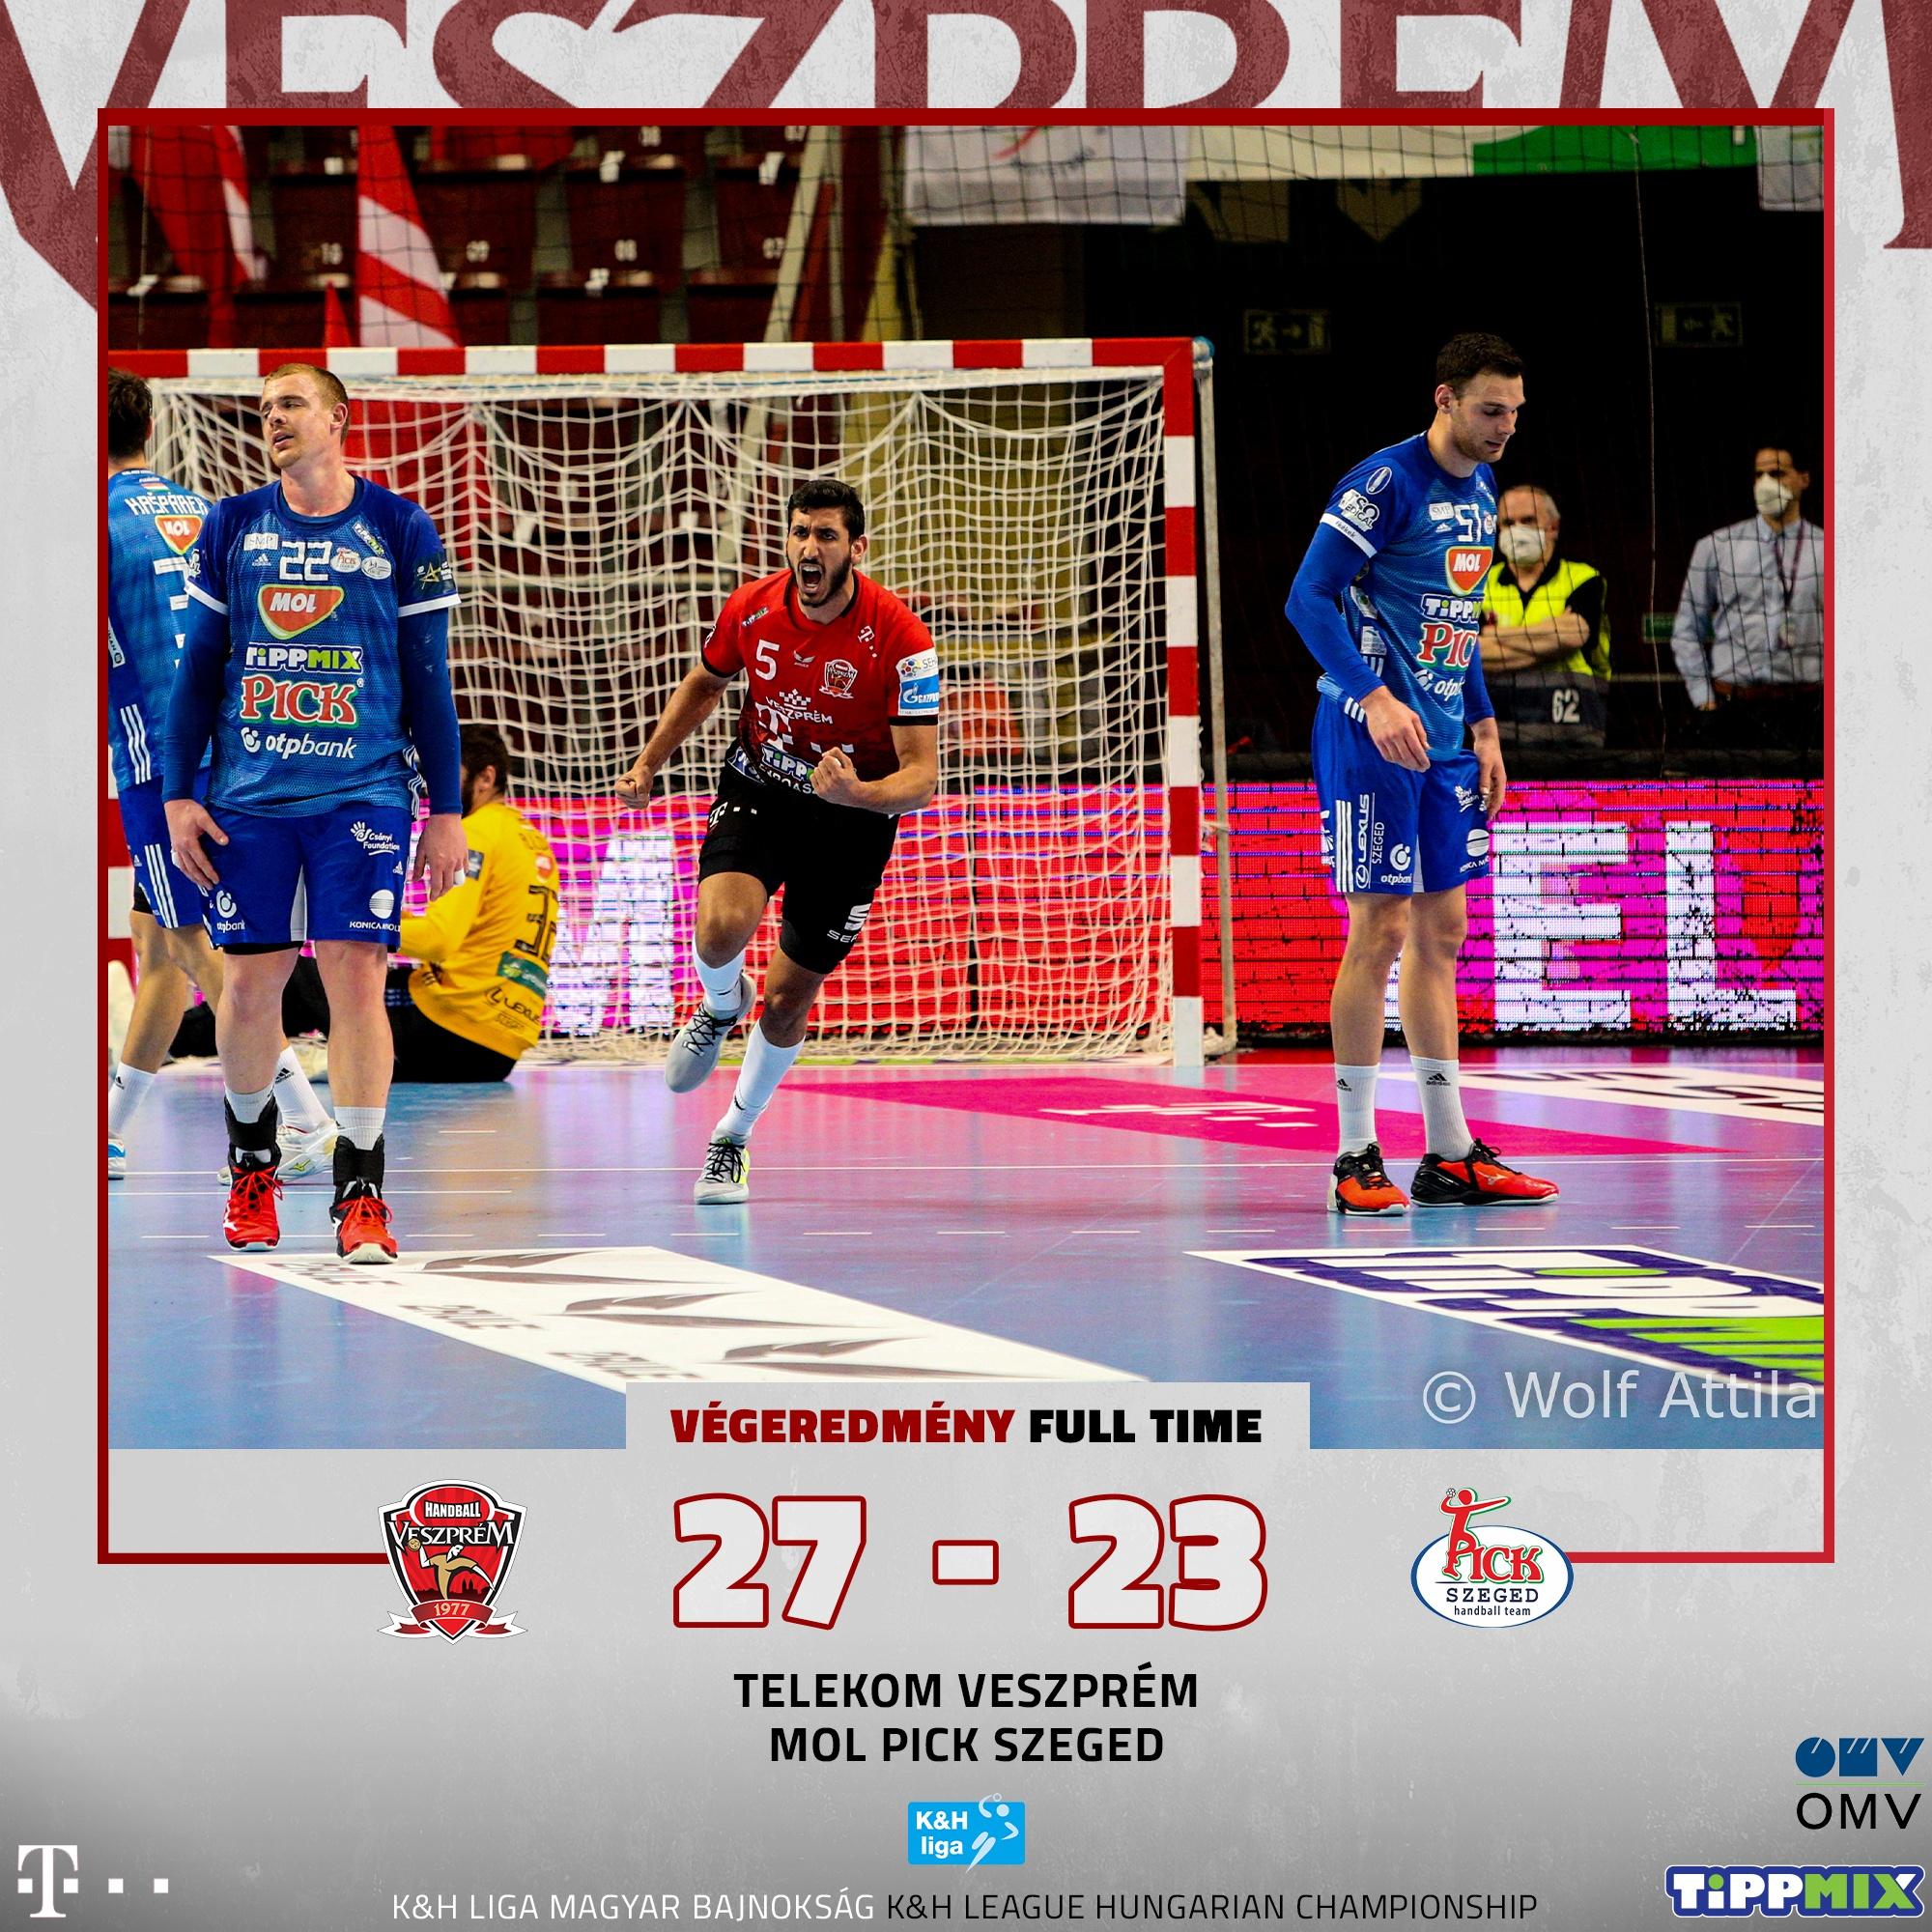 Telekom Veszprém – MOL-Pick Szeged 27-23